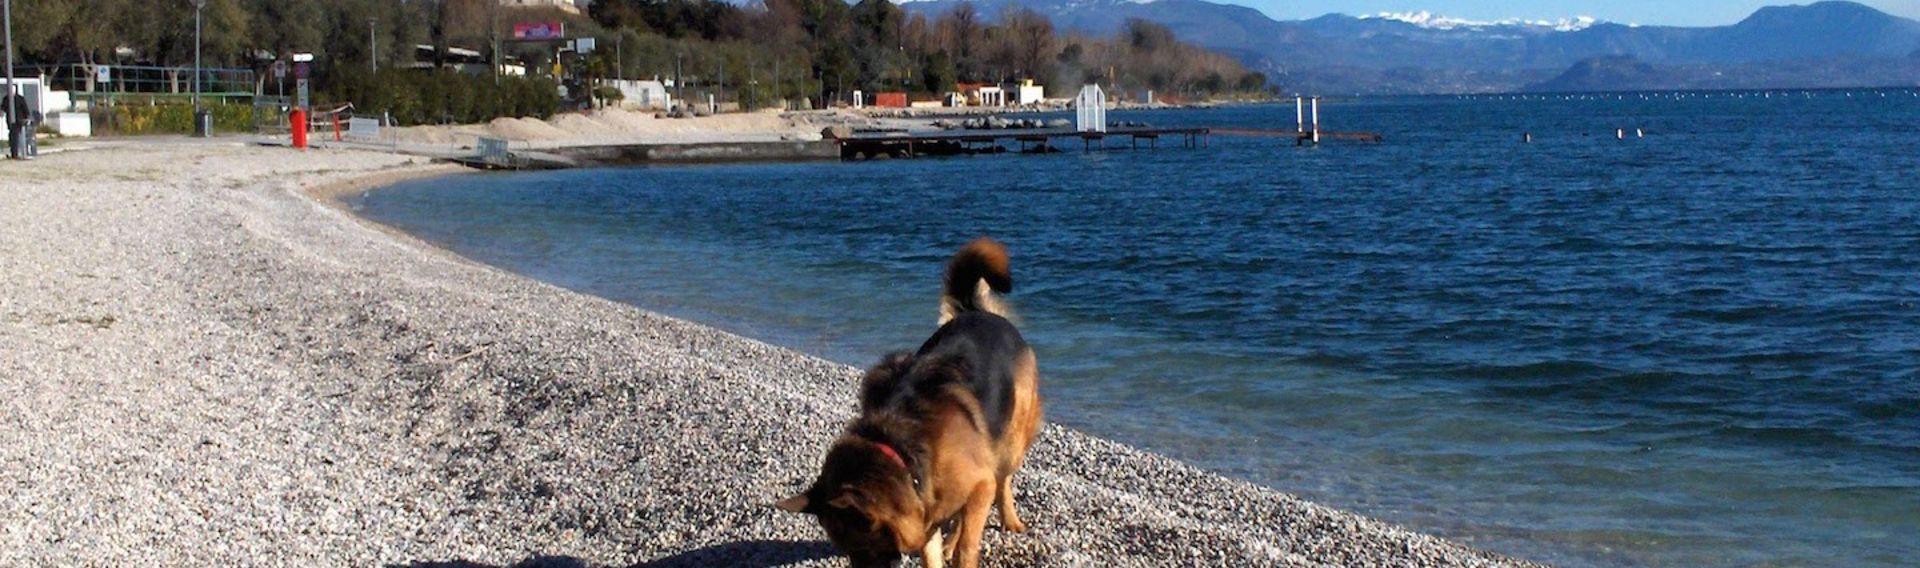 Ferienwohnung Gardasee 2-6 Personen + Hund